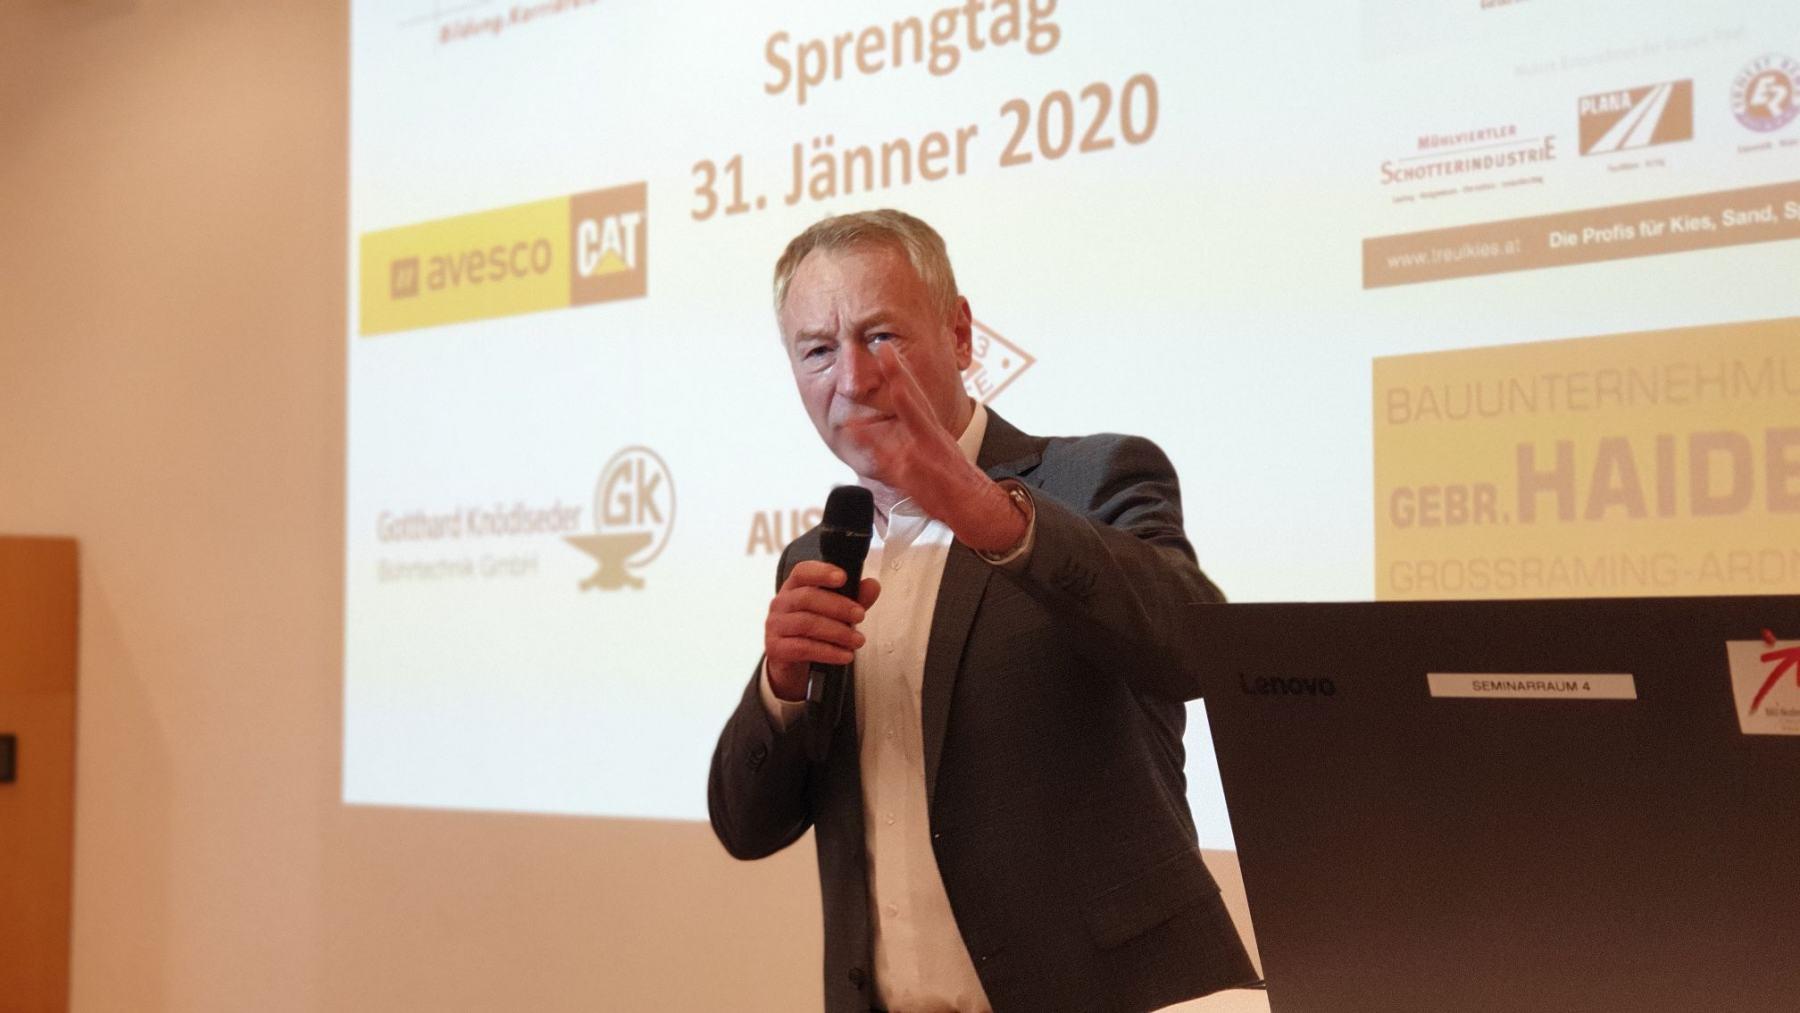 2020-01-31_Sprengtag_OÖ_024